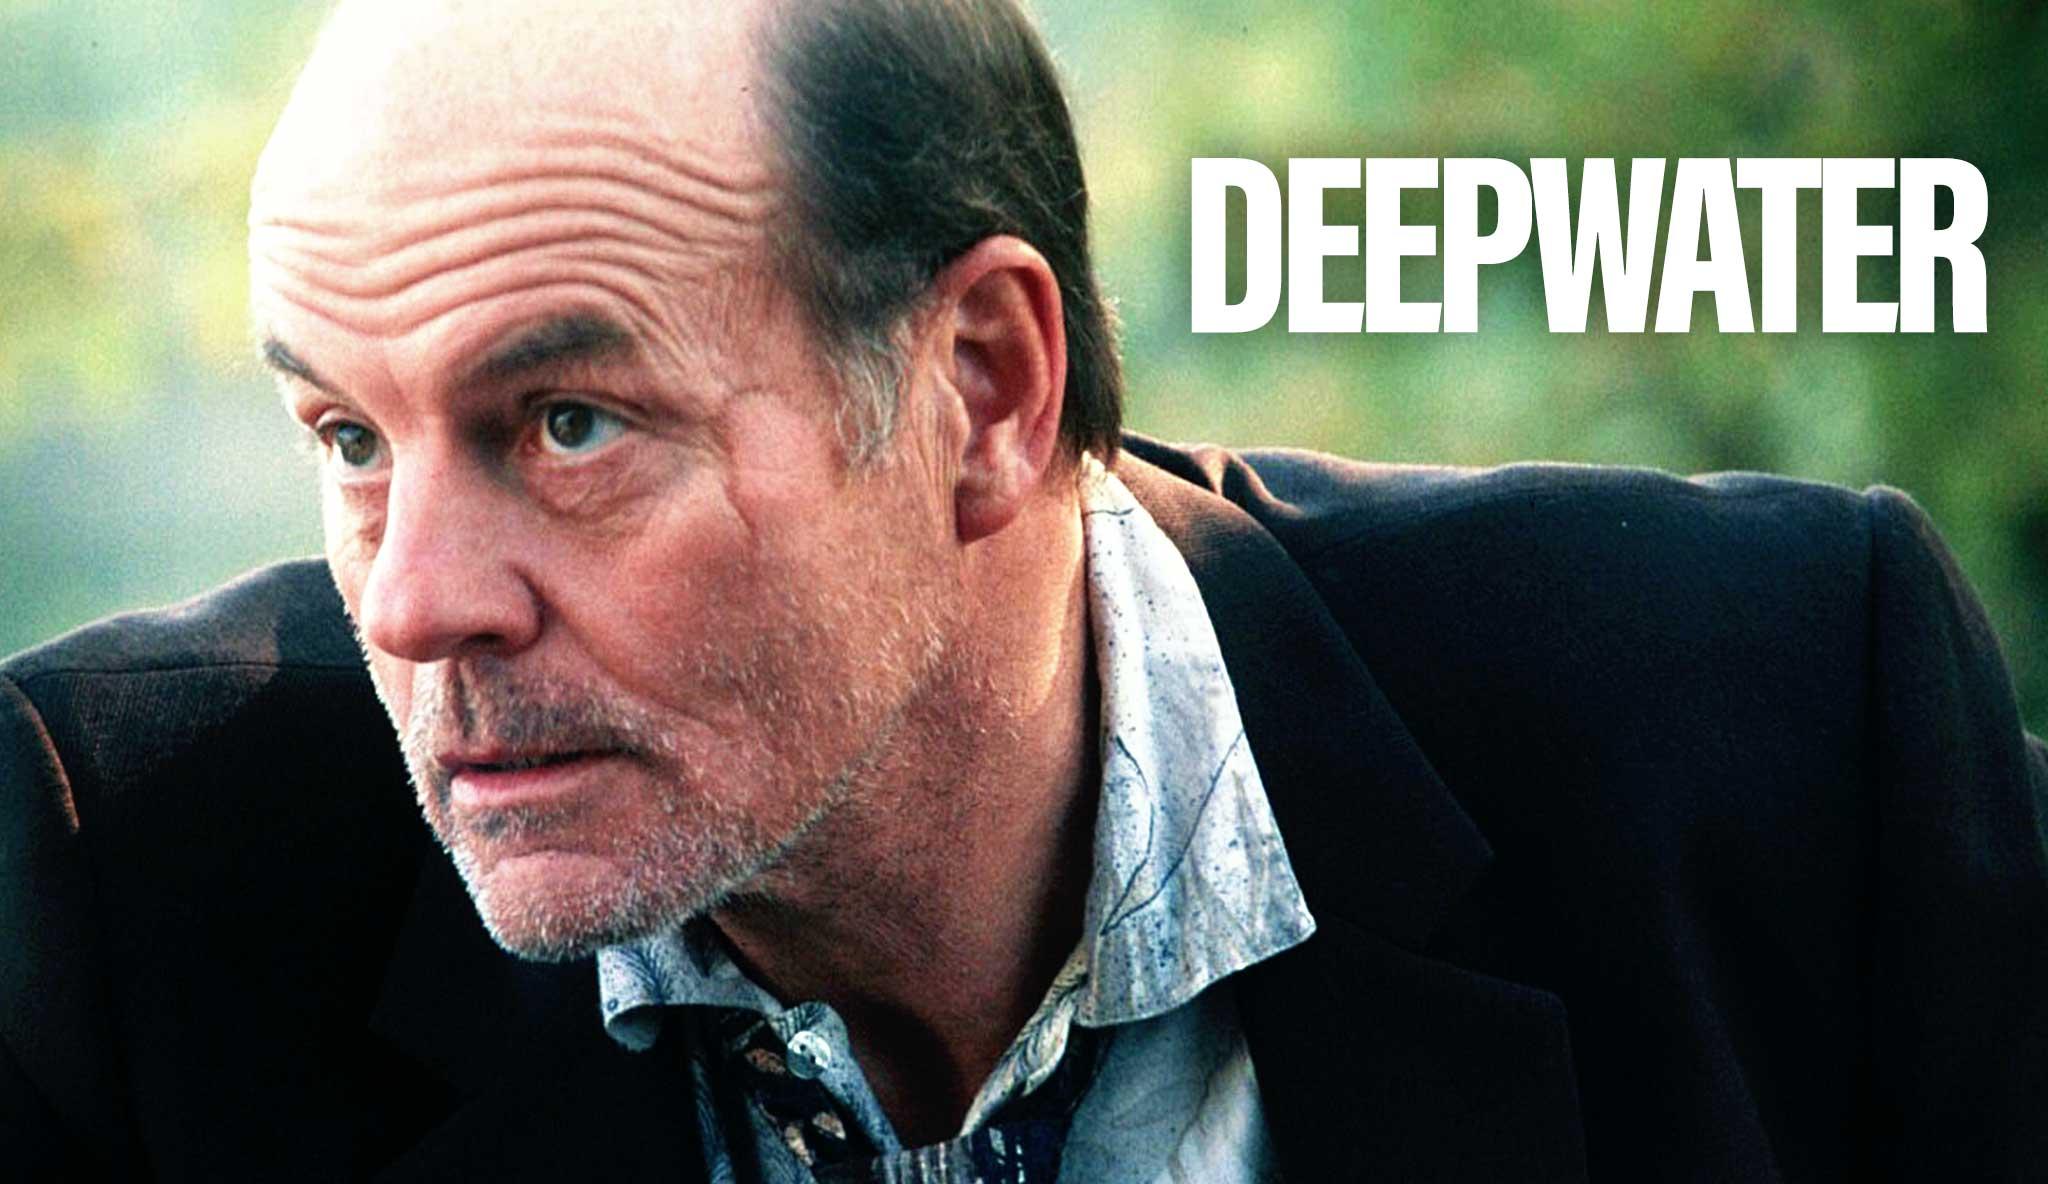 deepwater\header.jpg